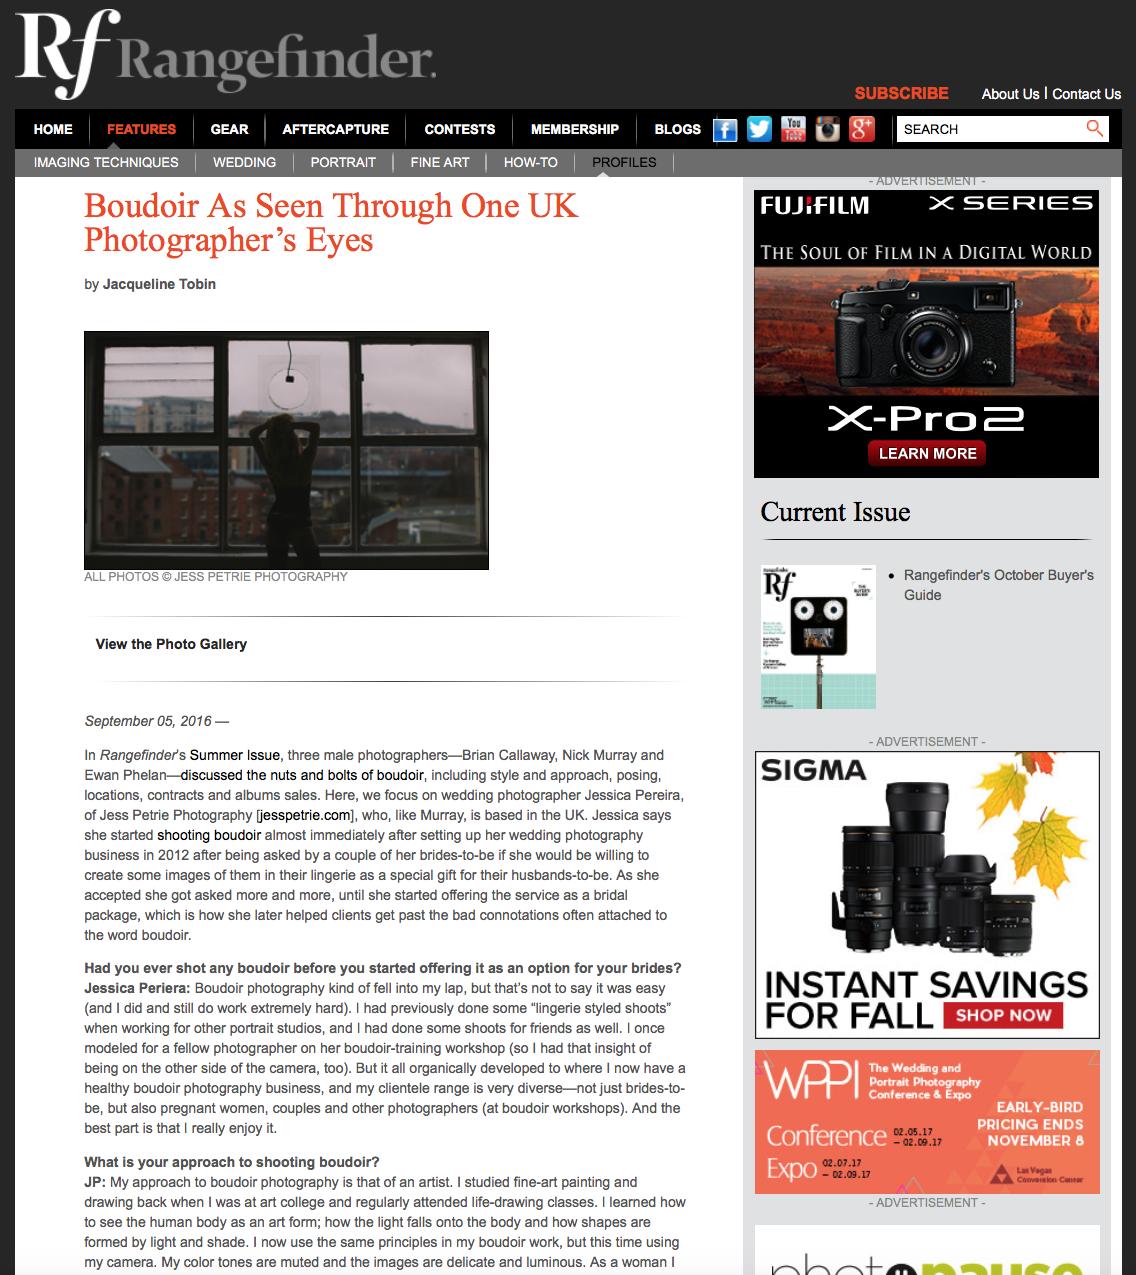 Rangefinder Magazine interview